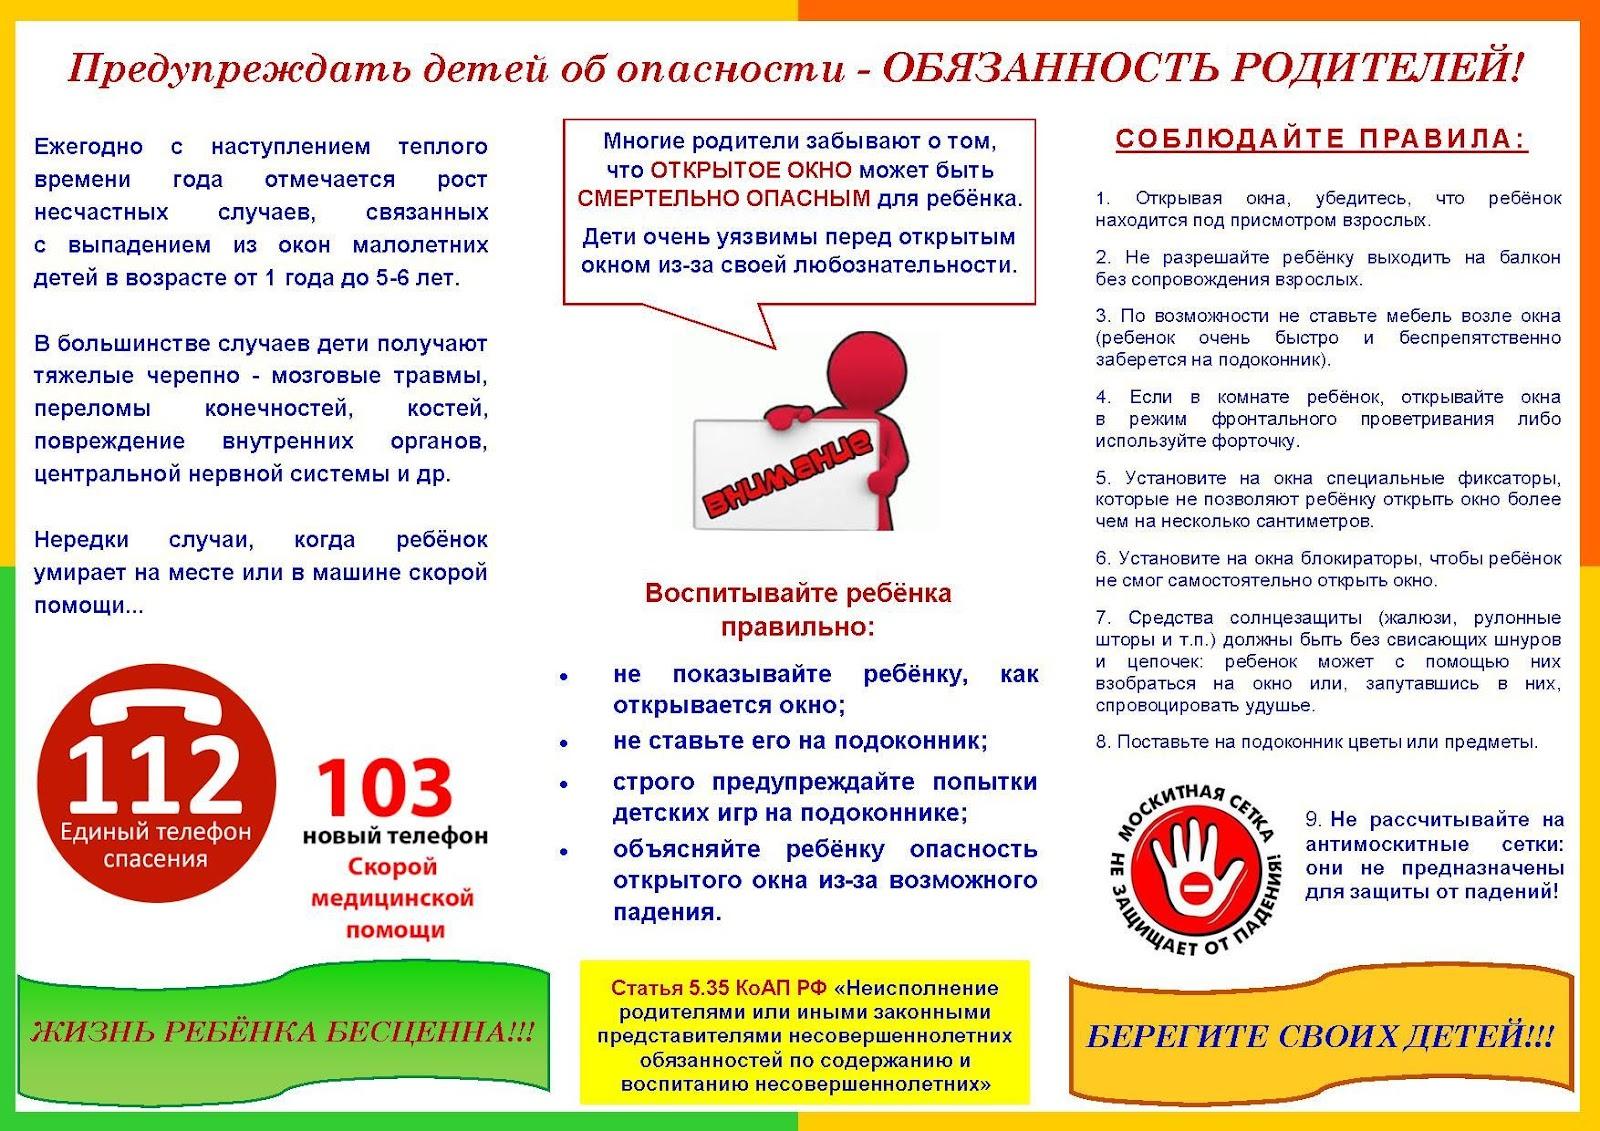 http://adminklr.ru/wp-content/uploads/2017/06/buklet-ostorozhno-otkrytoe-okno-stranica-2.jpg